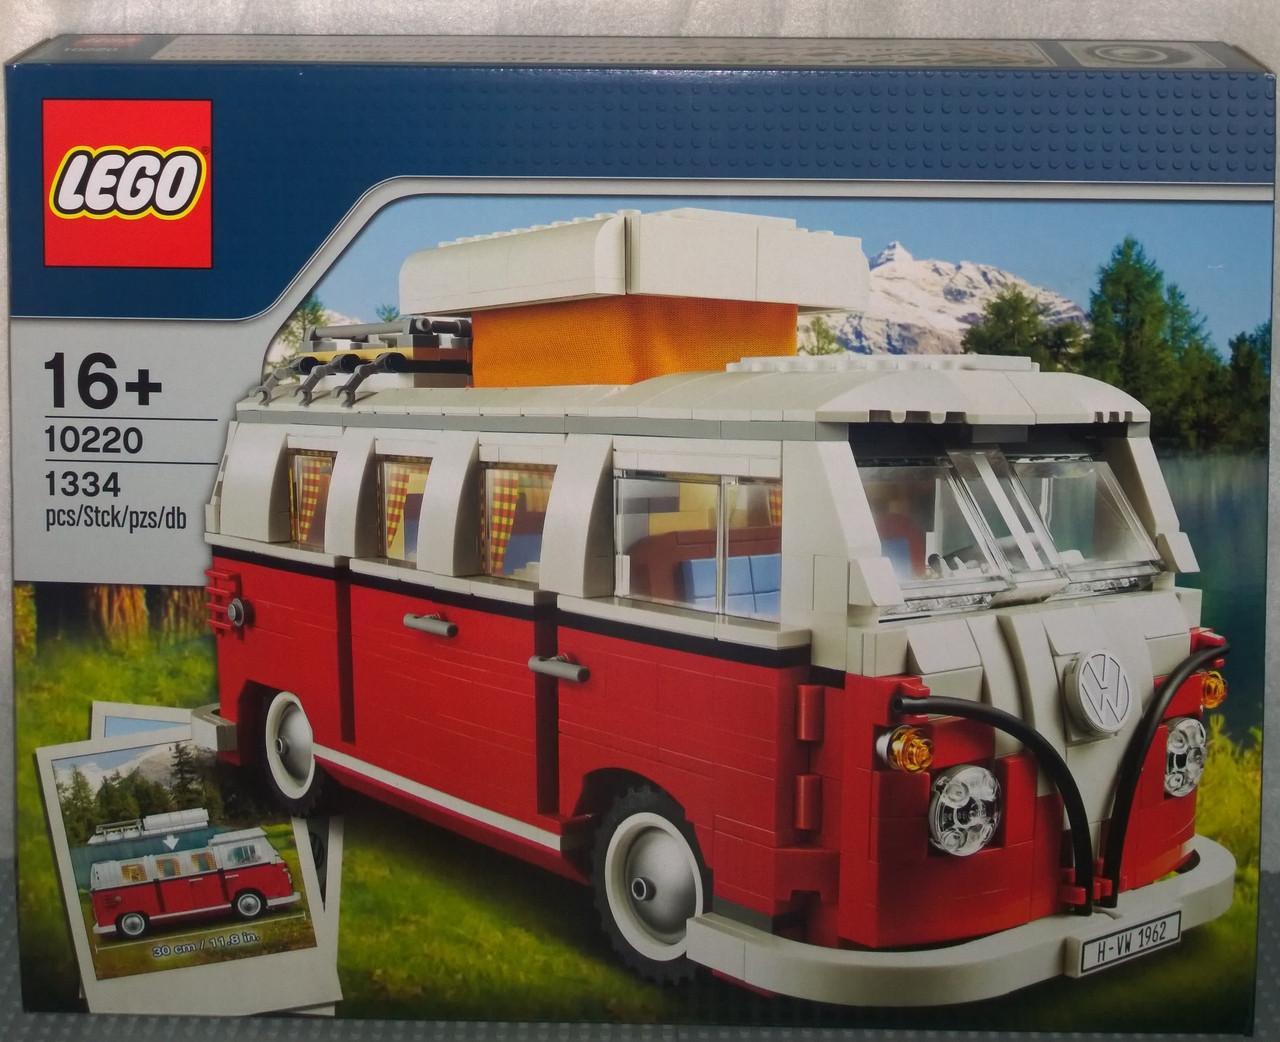 10220 lego volkswagen t1 camper van brick lady. Black Bedroom Furniture Sets. Home Design Ideas